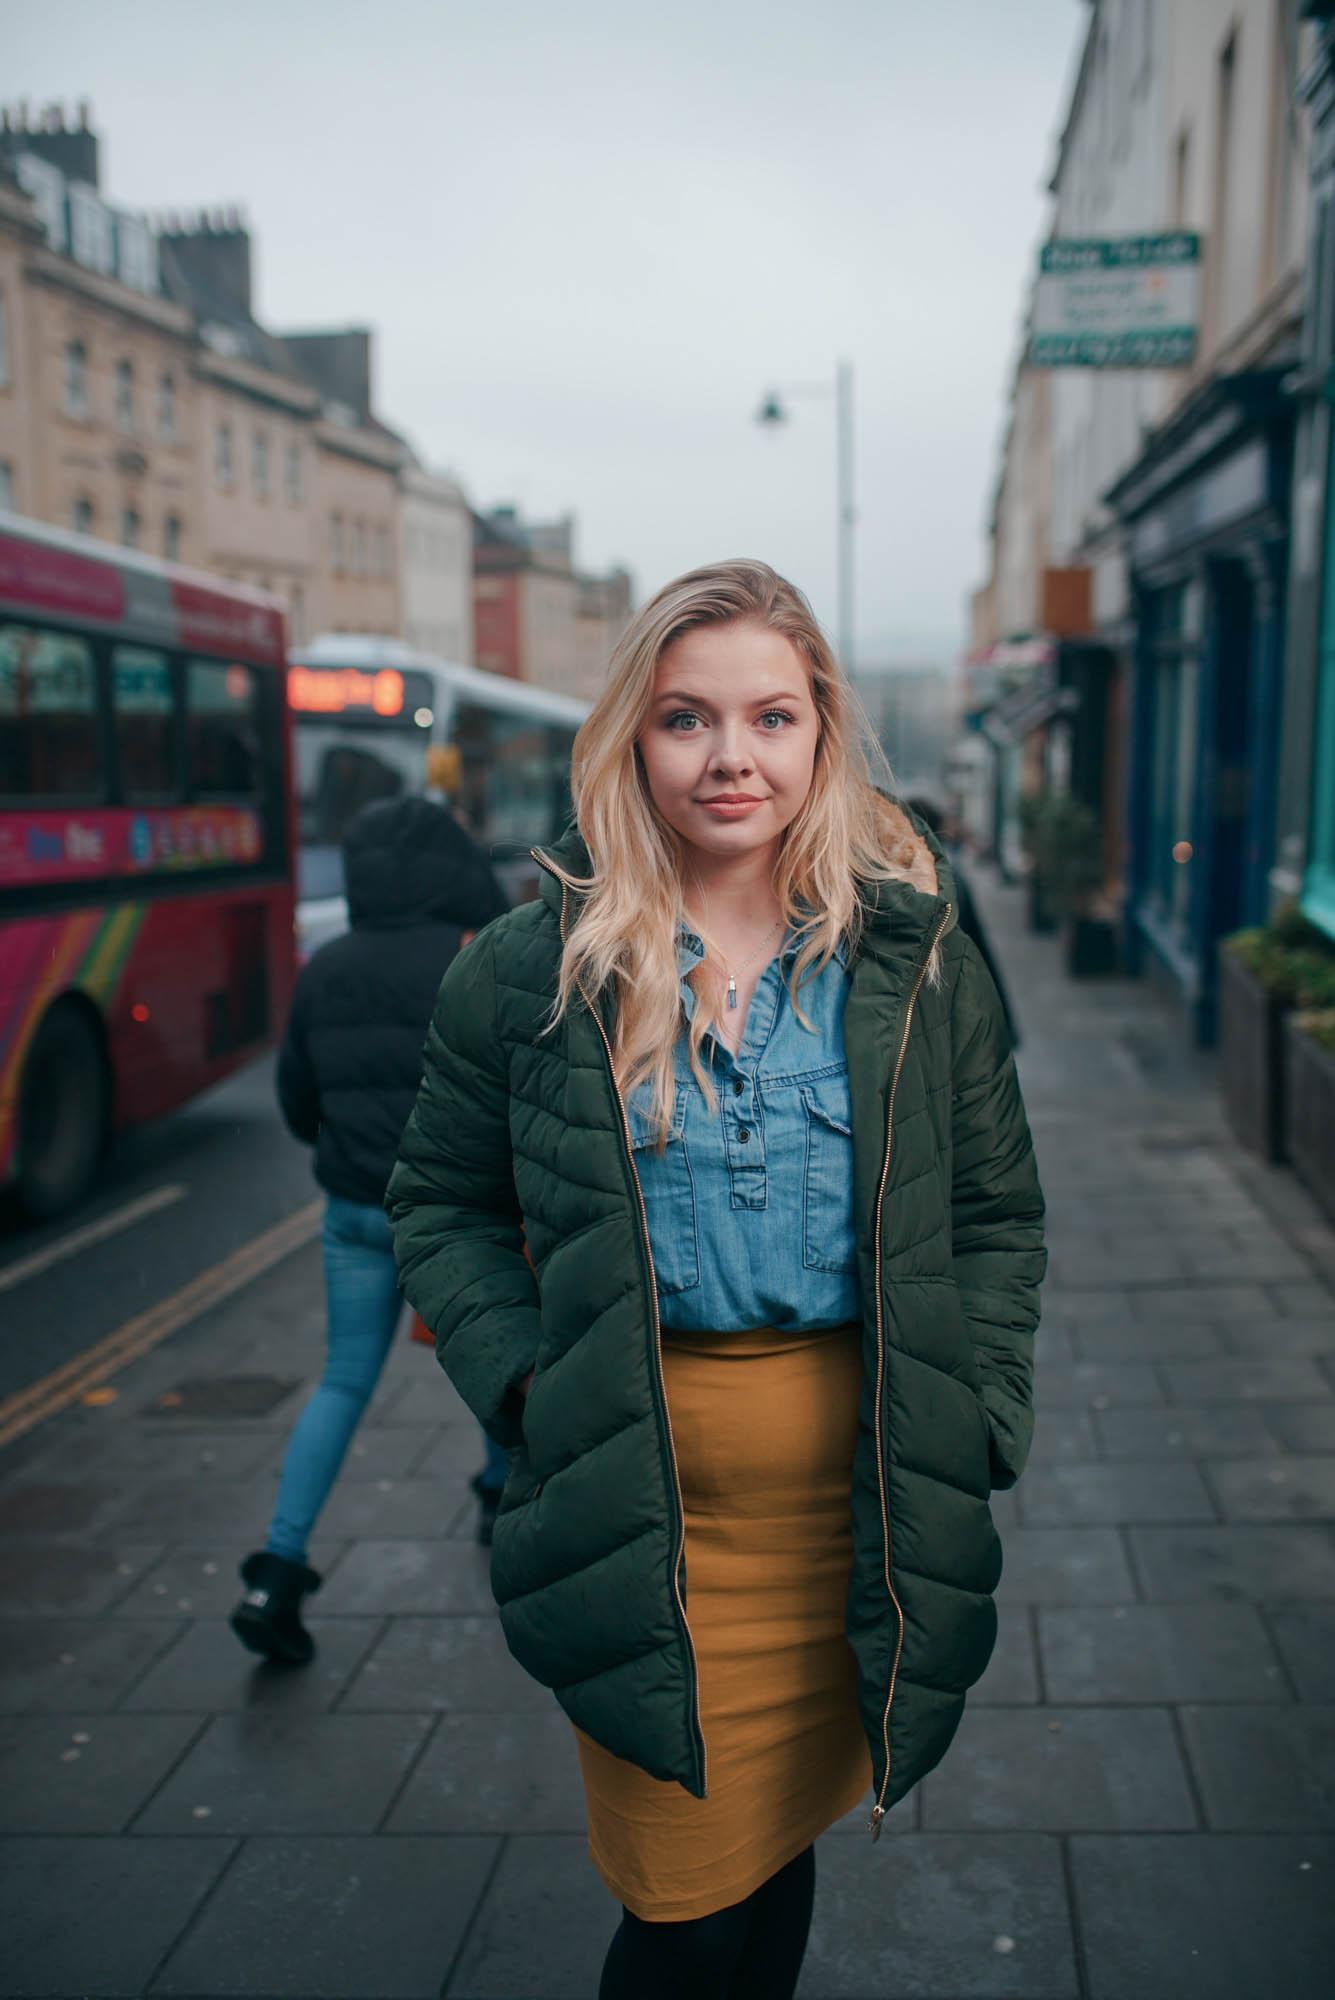 Bristol Student Sophie Pender